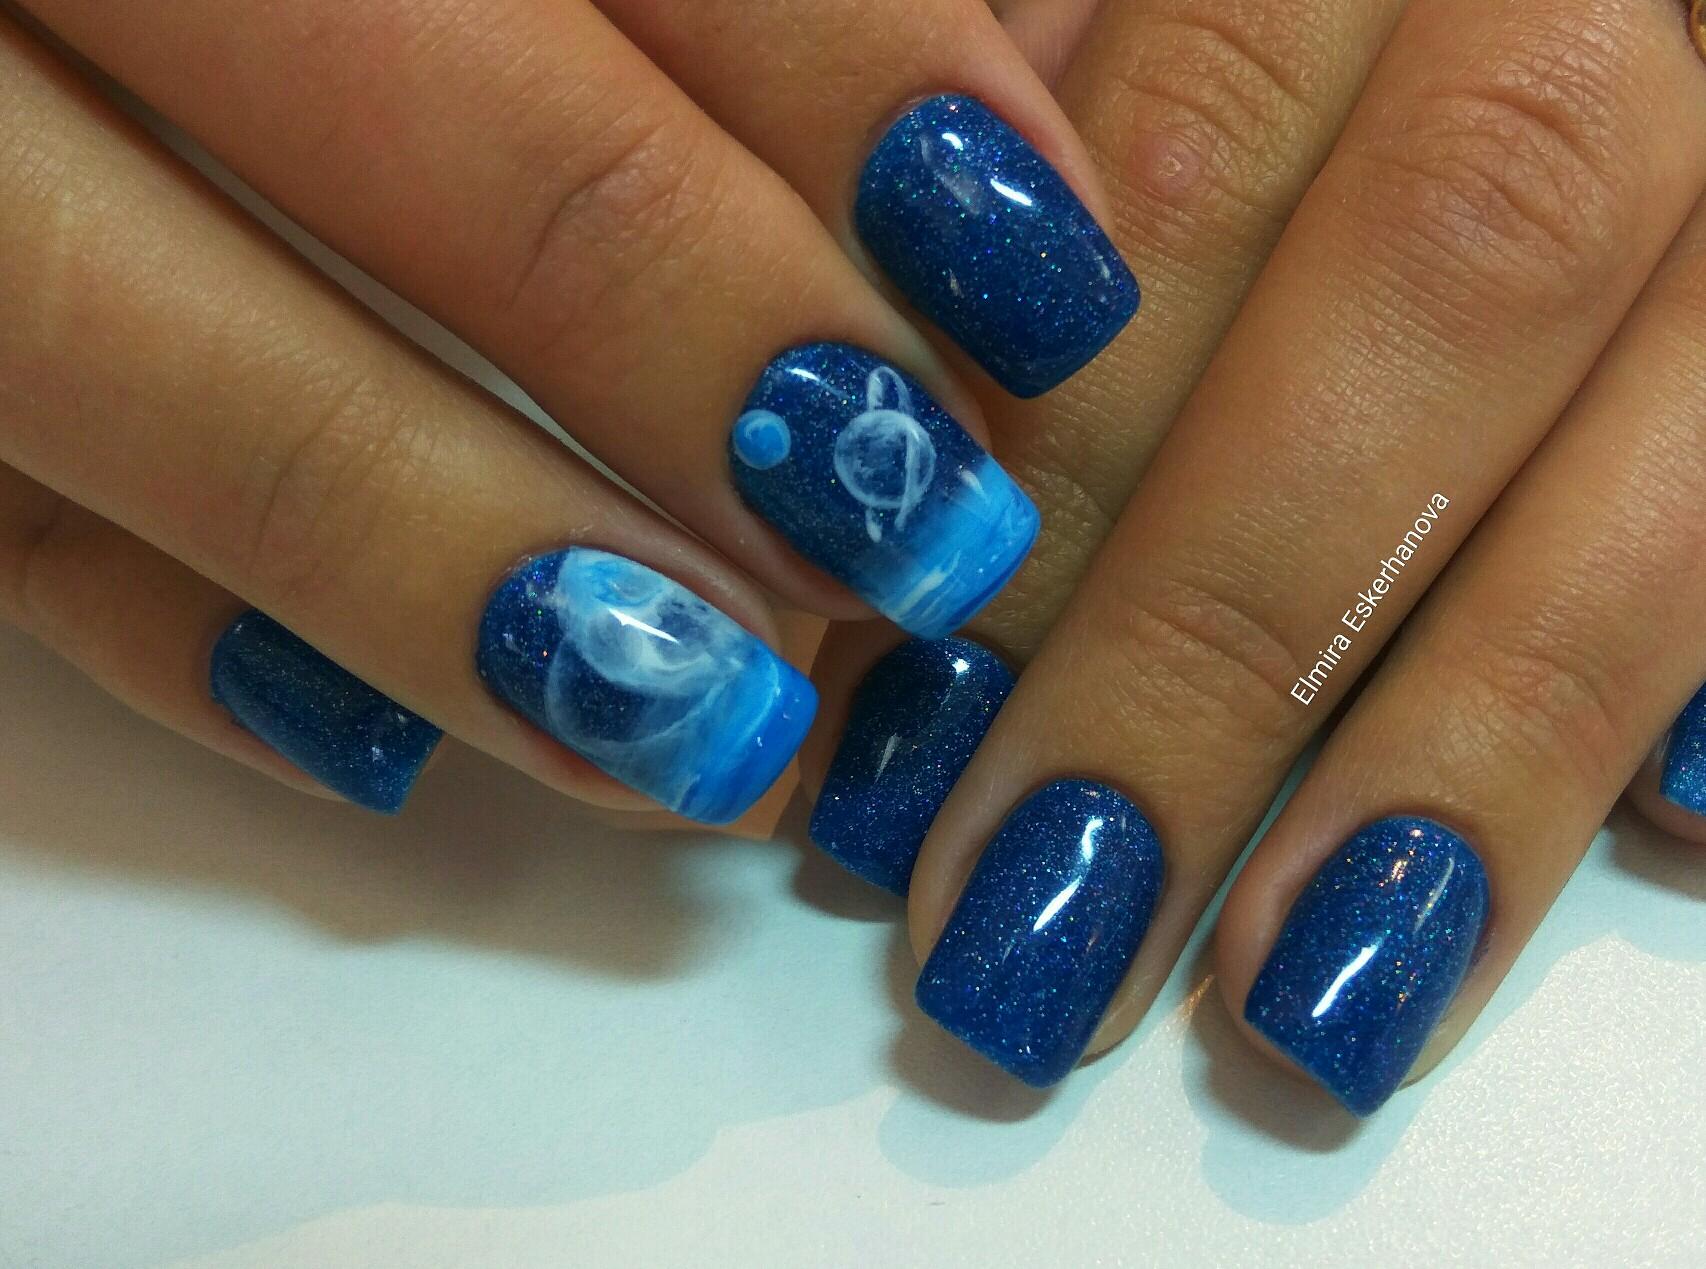 Космический маникюр с блестками и рисунком в синем цвете.